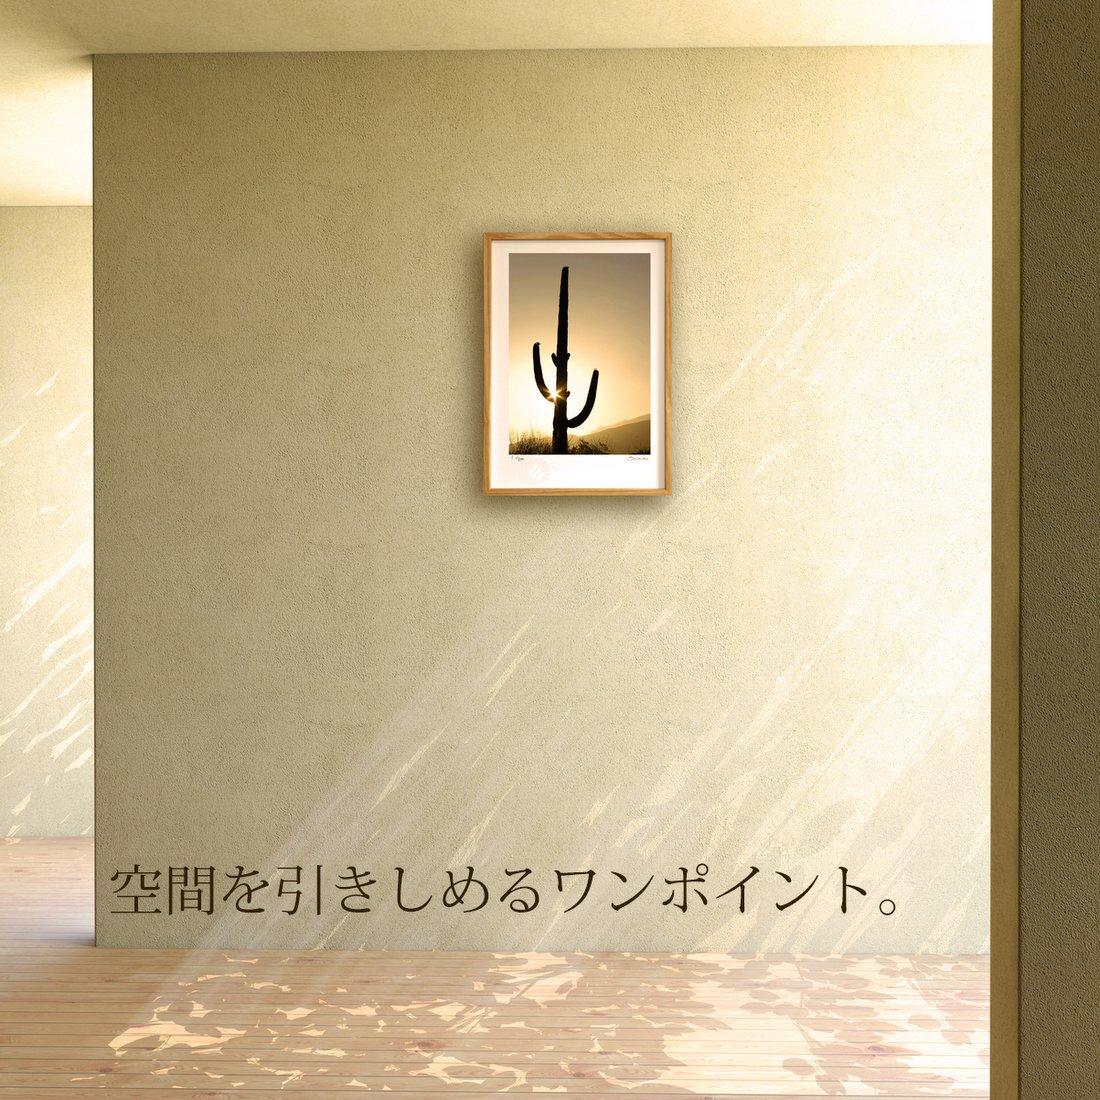 【版画 絵画】サボテンリース(スミコ スコット)/インテリア 壁掛け 額入り アート アートパネル アートフレーム